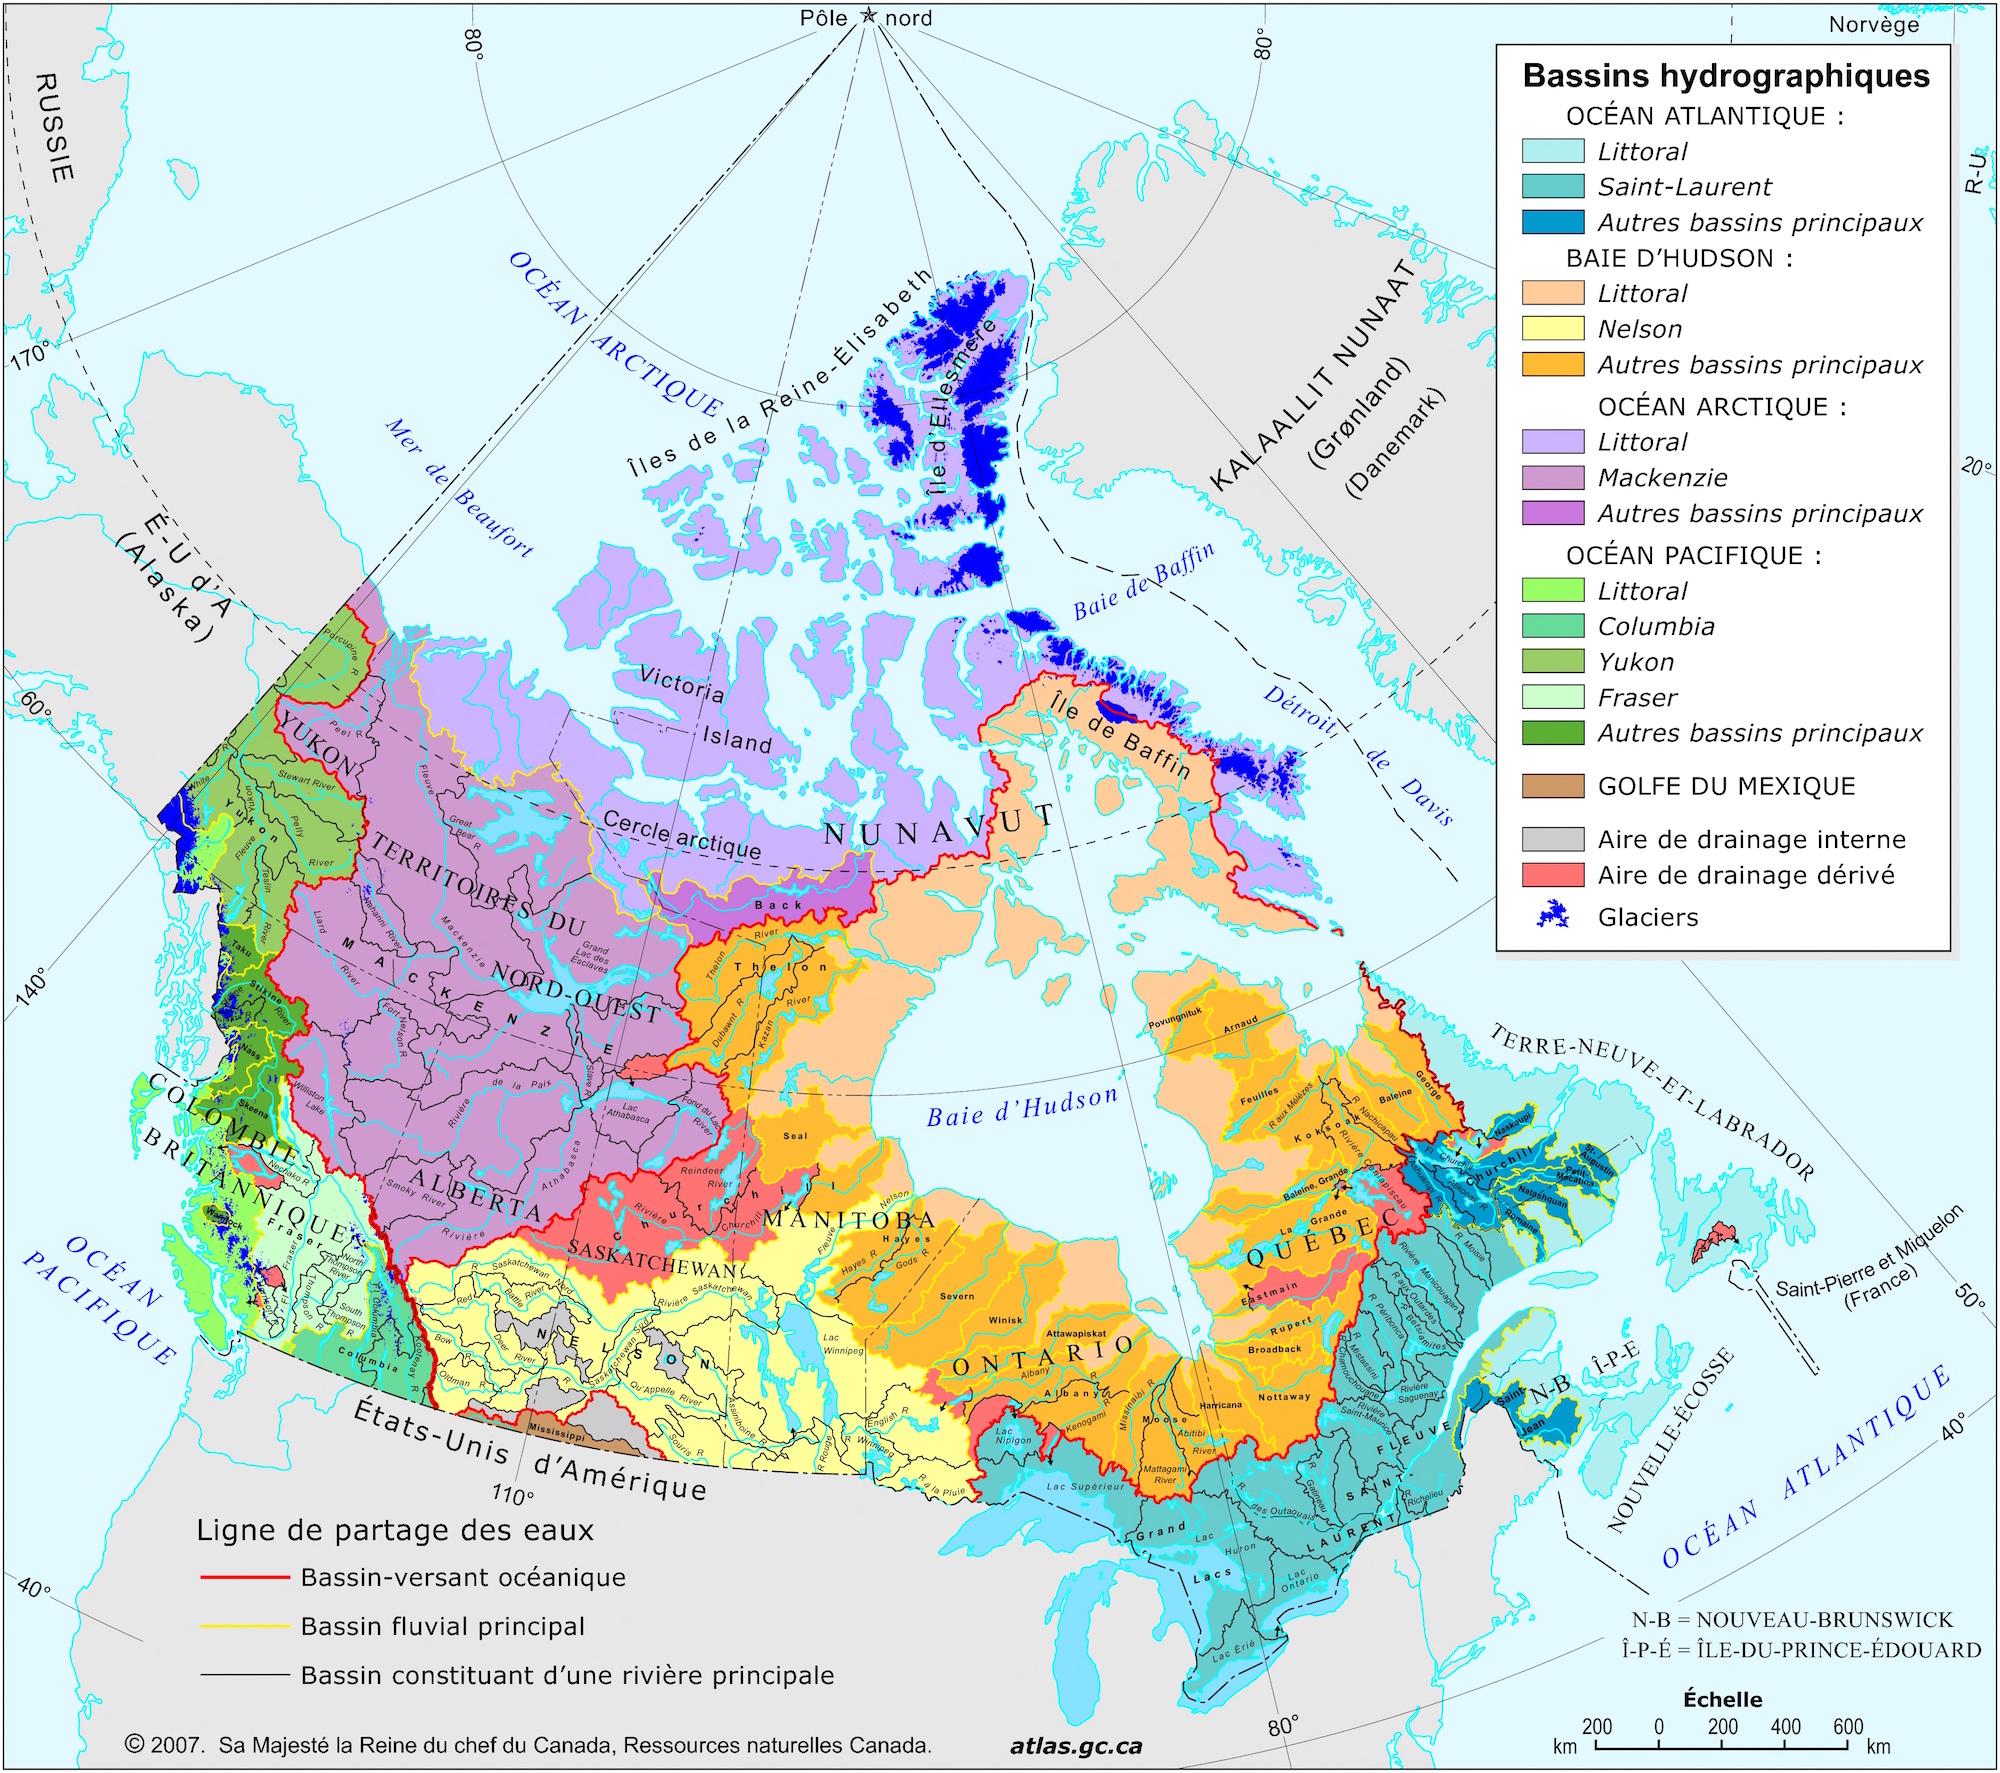 Carte Bassin Hydrographique Canada.Canada Bassins Hydrographiques Carte Populationdata Net